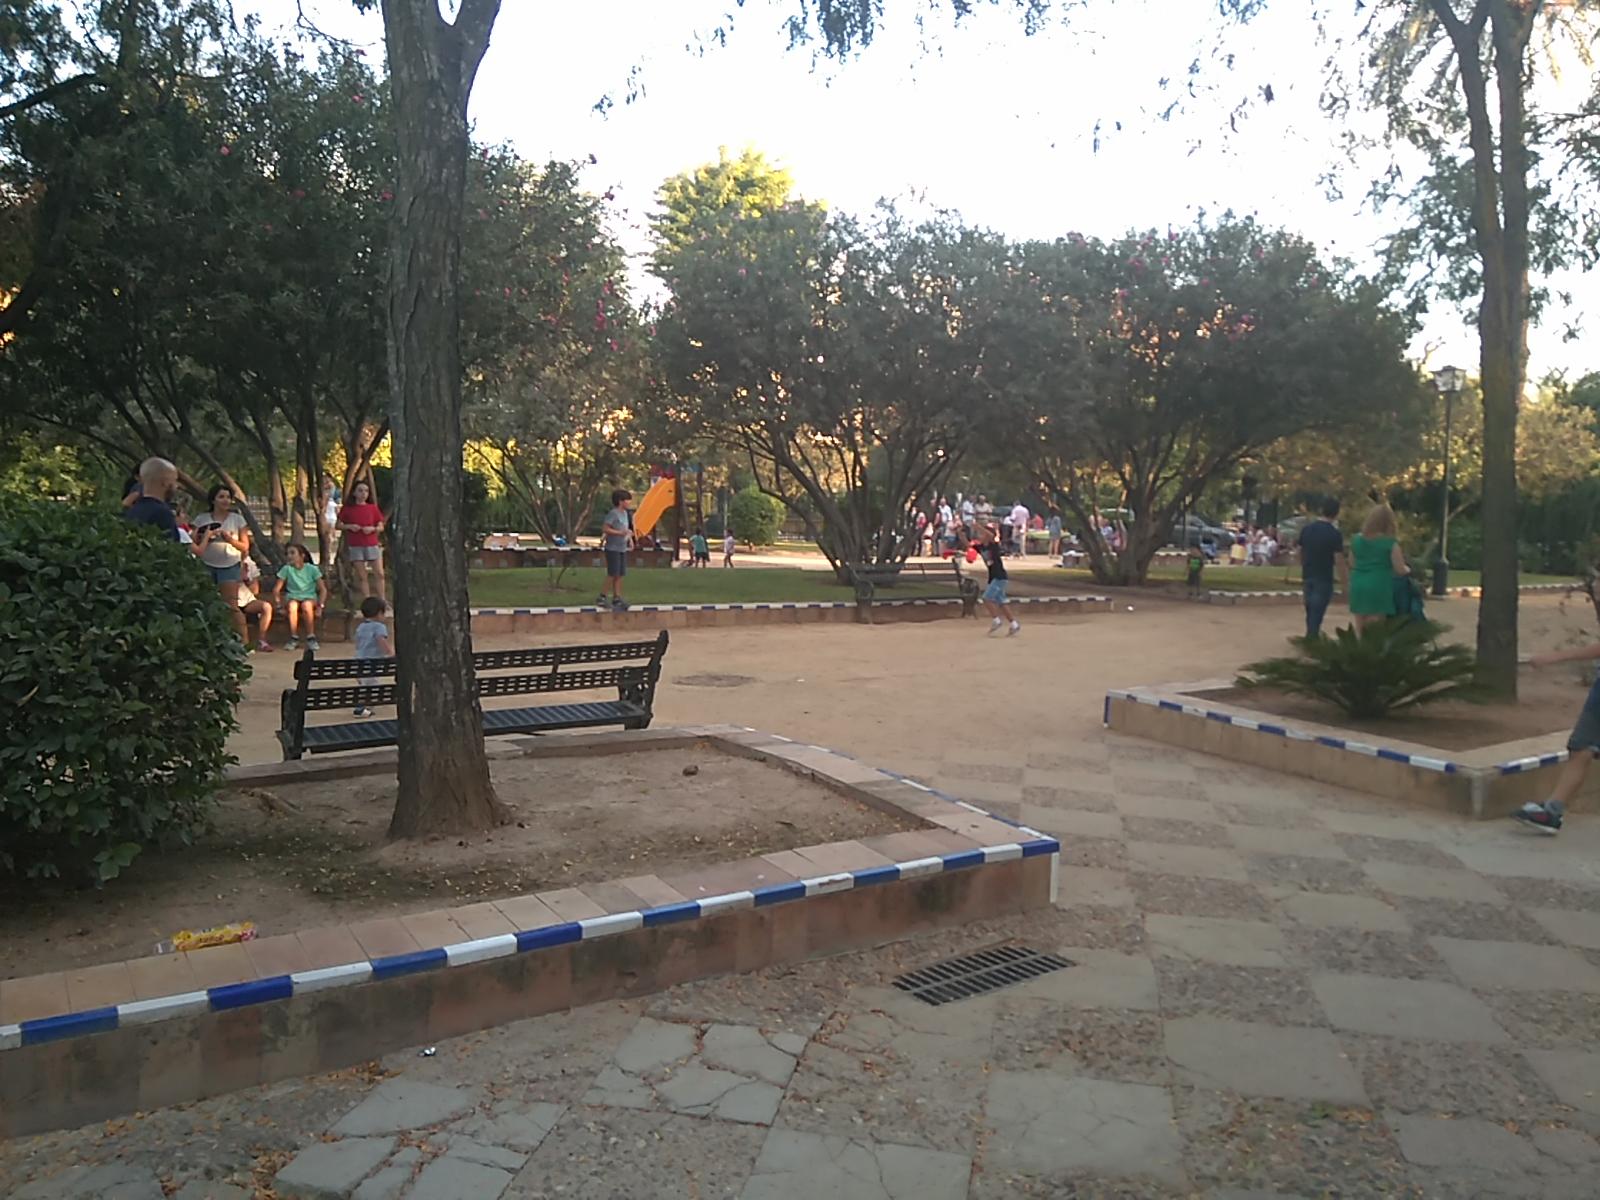 Fig. 24: parque infantil. Fuente: propia